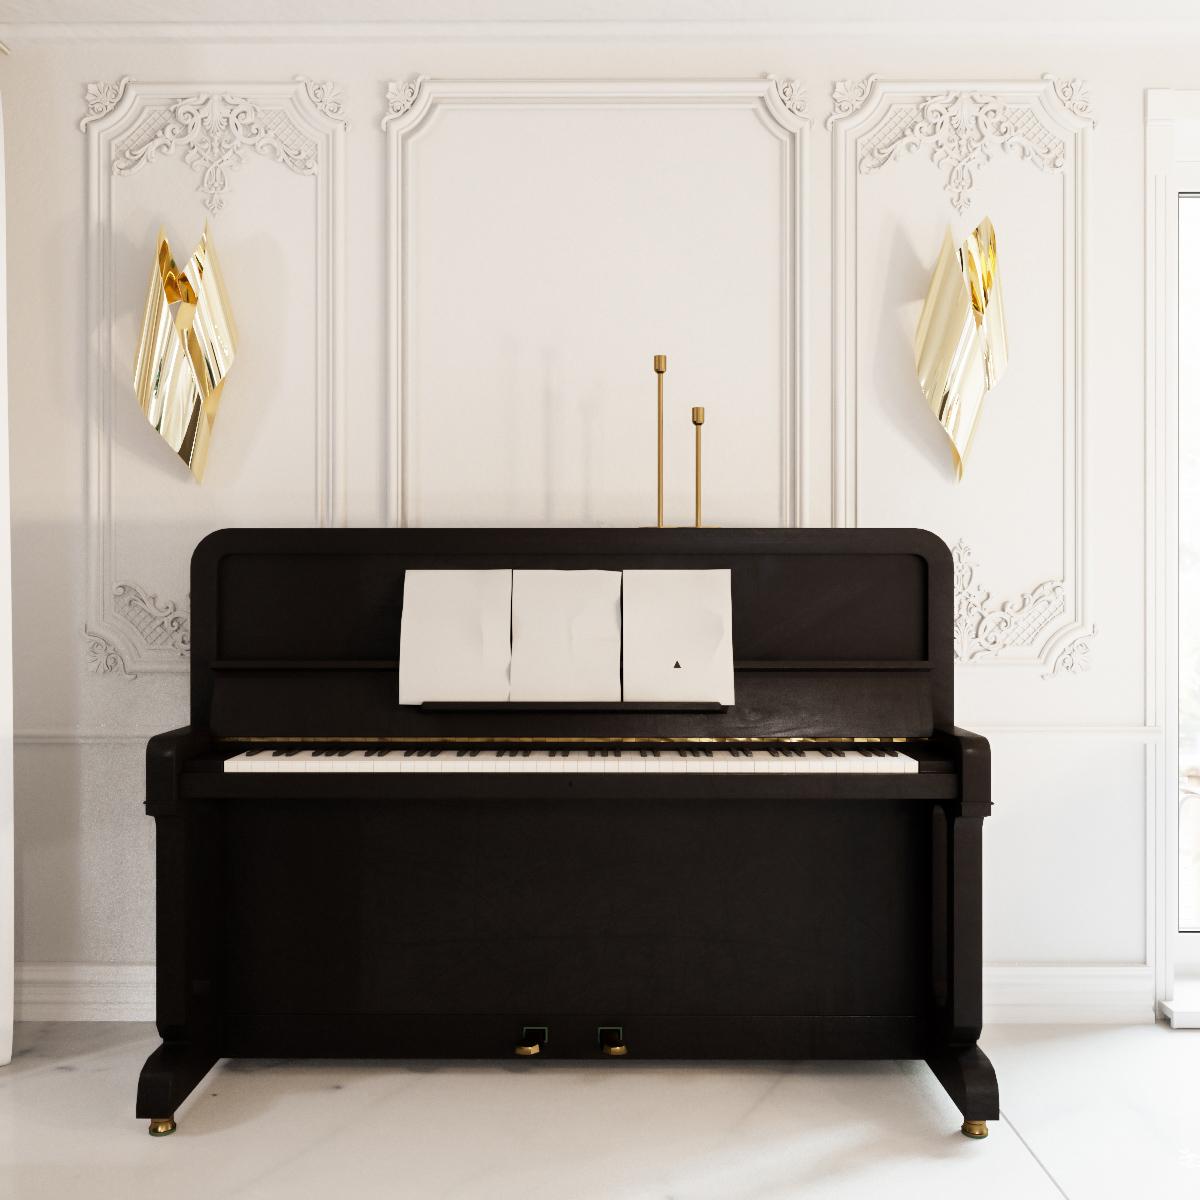 Пианино в классическом интерьере